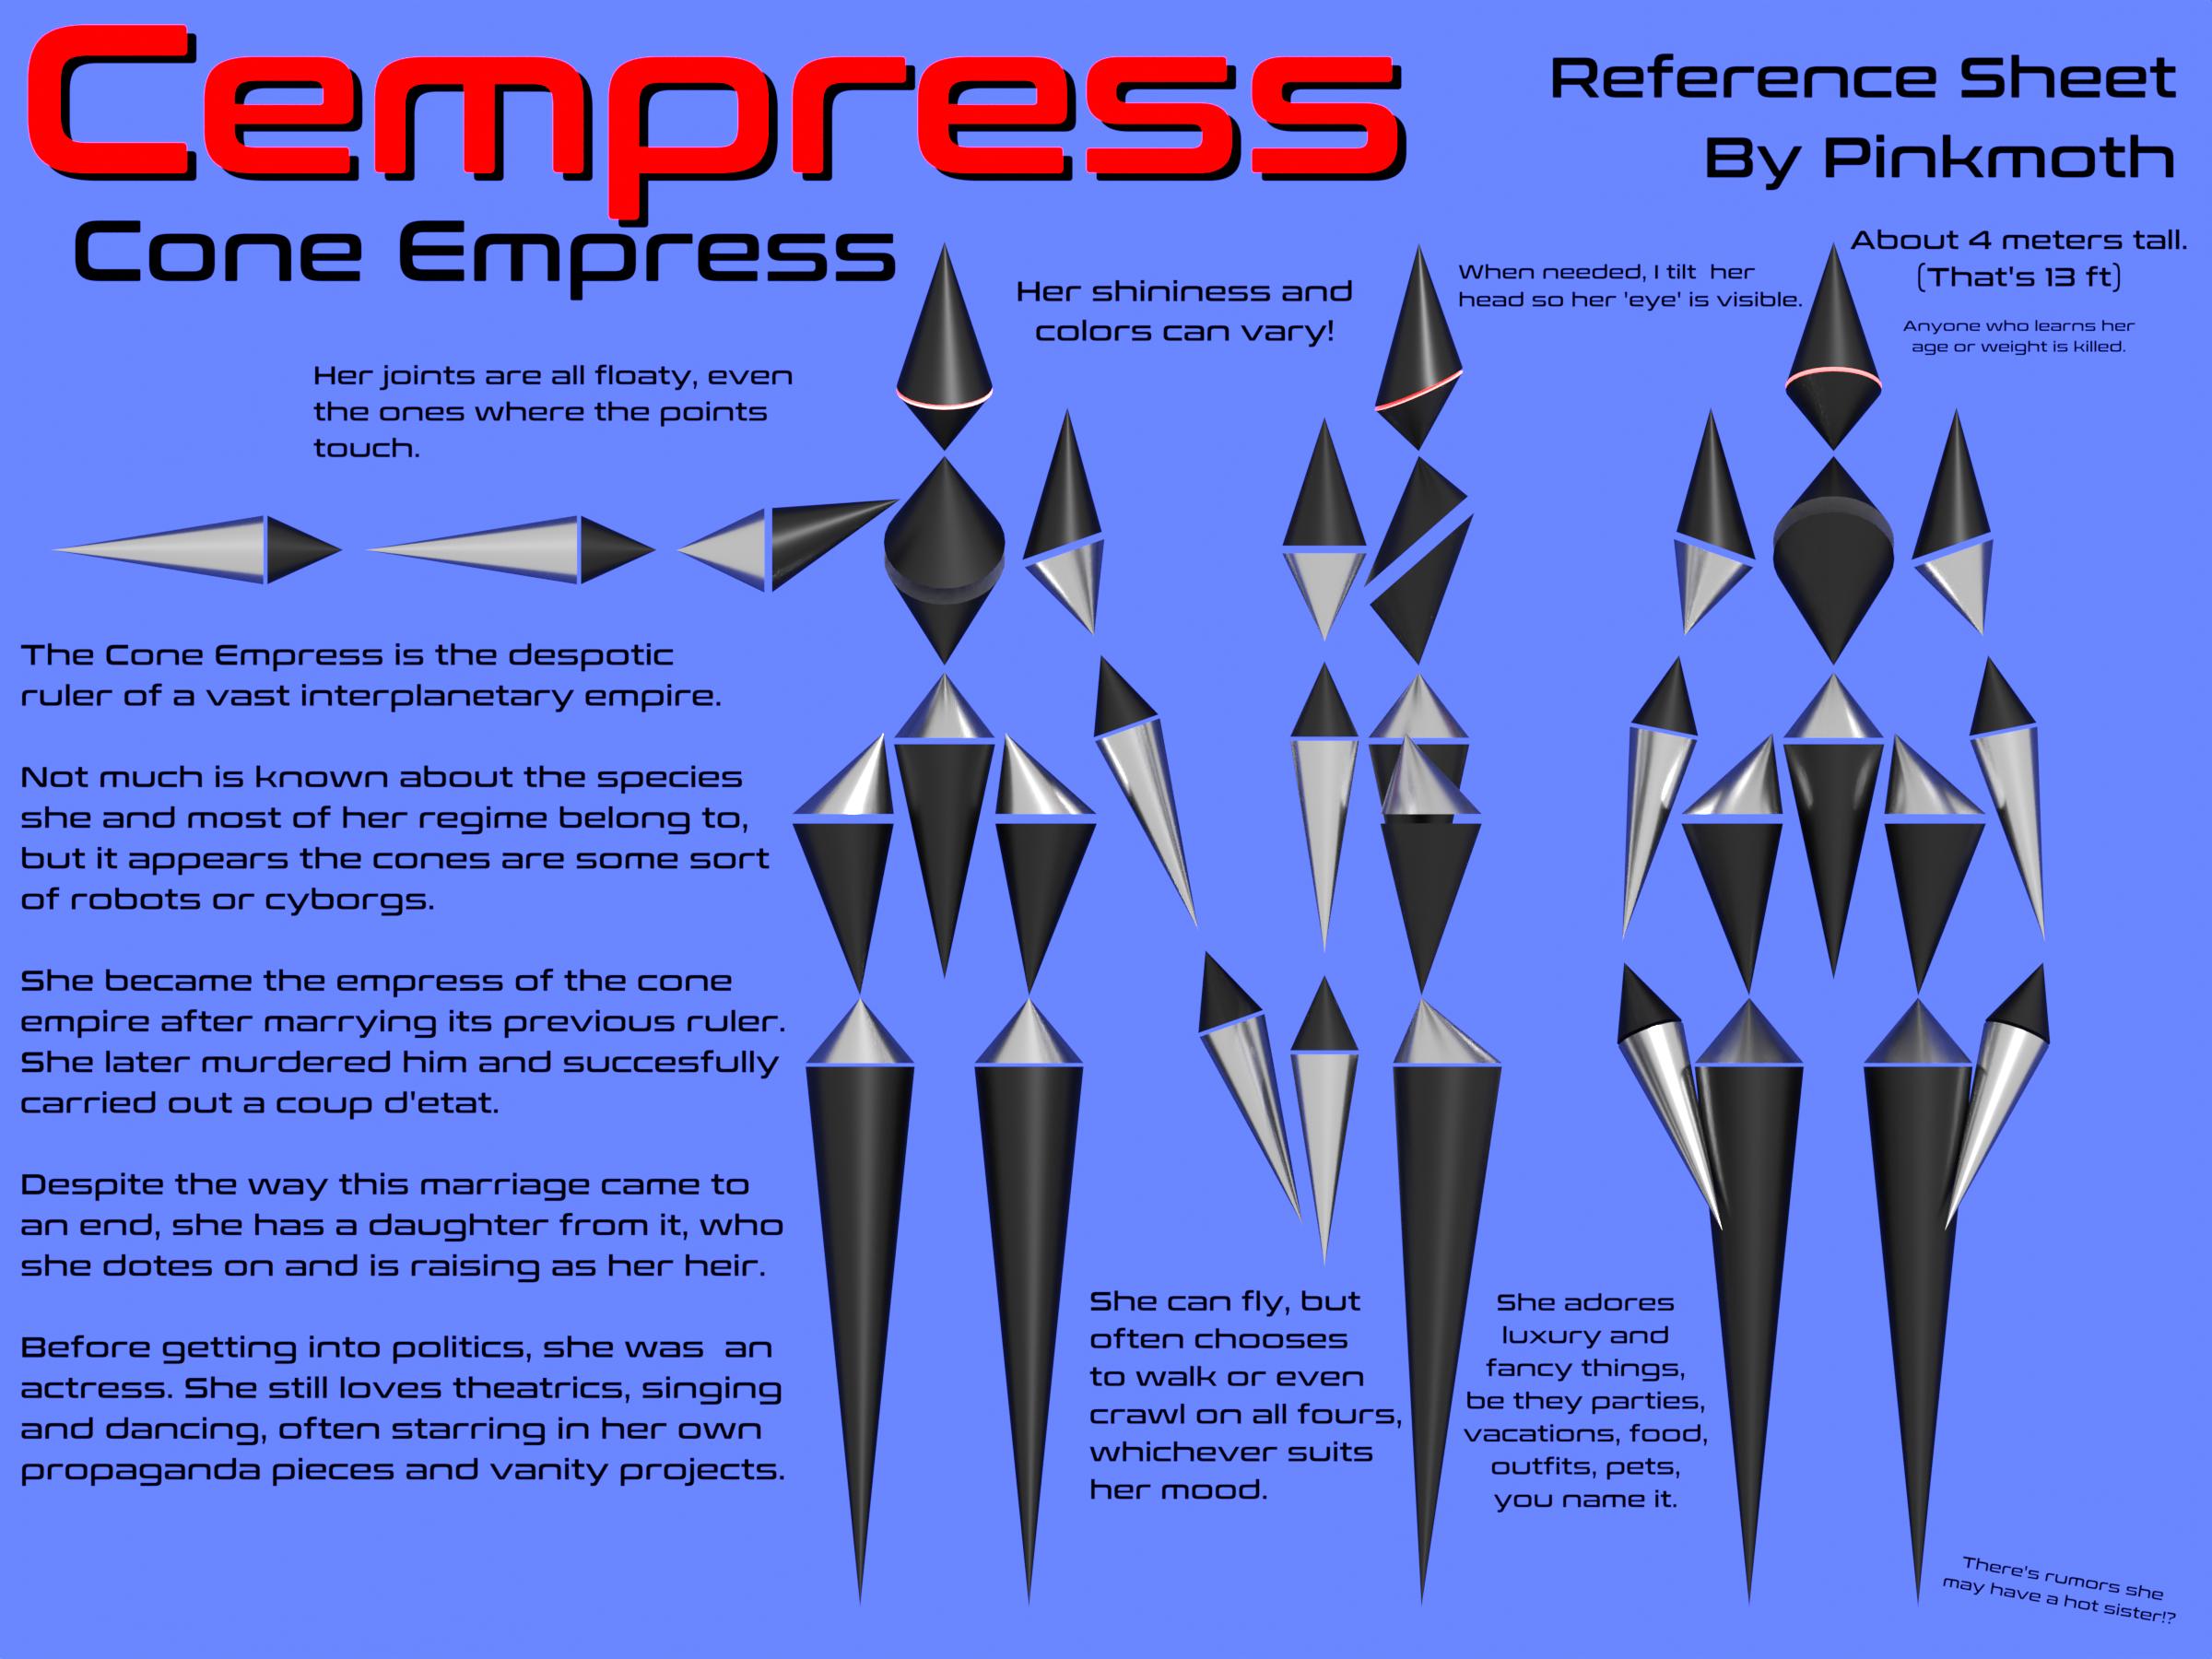 cempress ref sheet